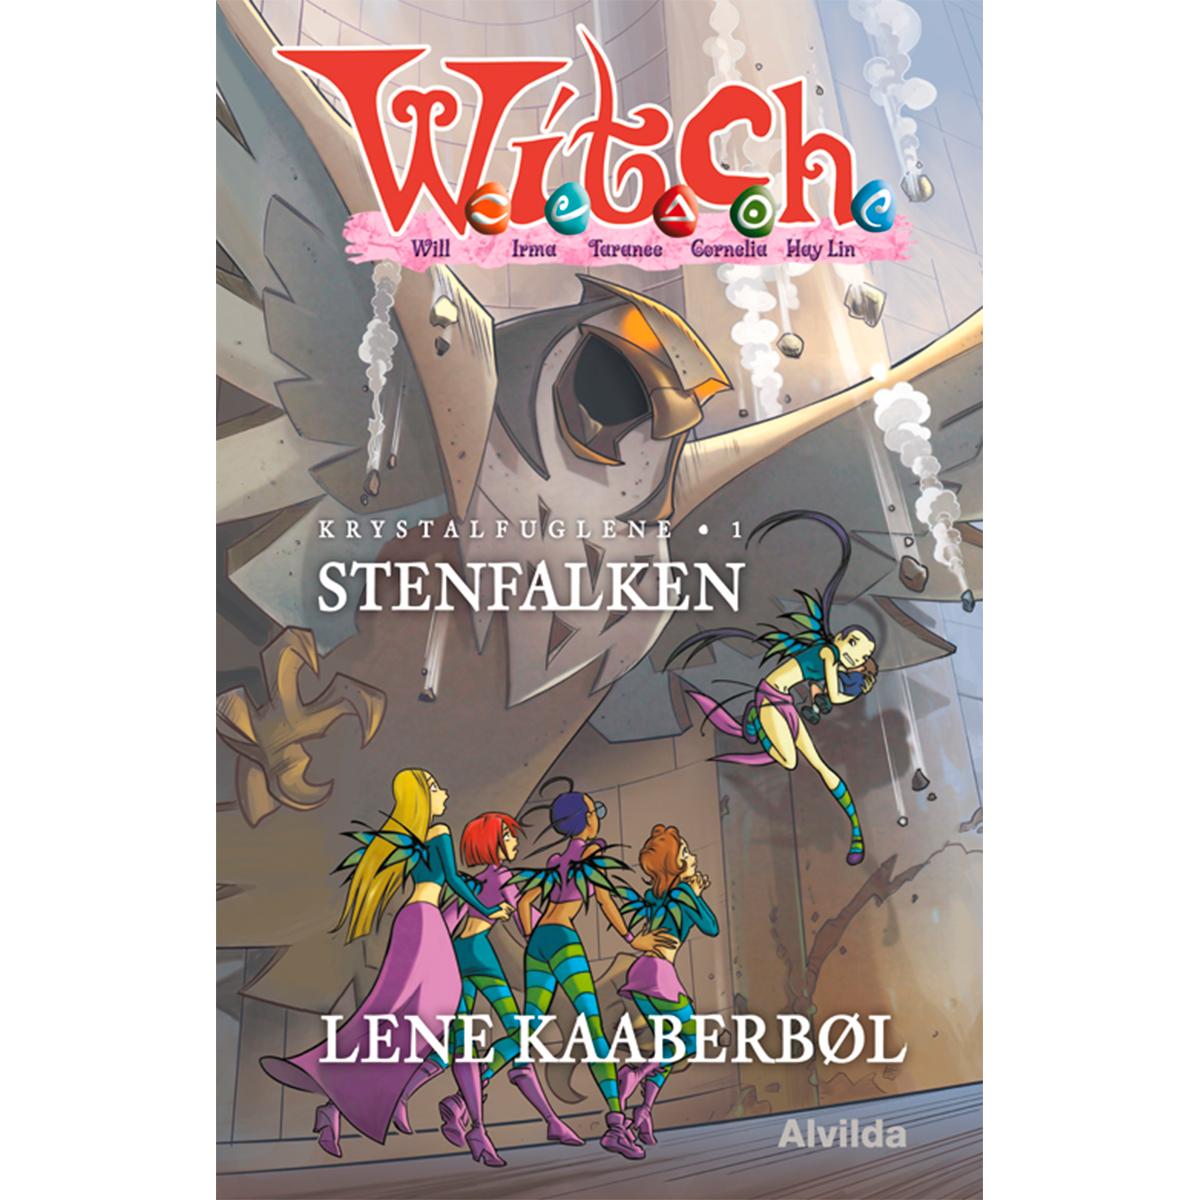 Stenfalken - W.I.T.C.H. Krystalfuglene 1 - Indbundet